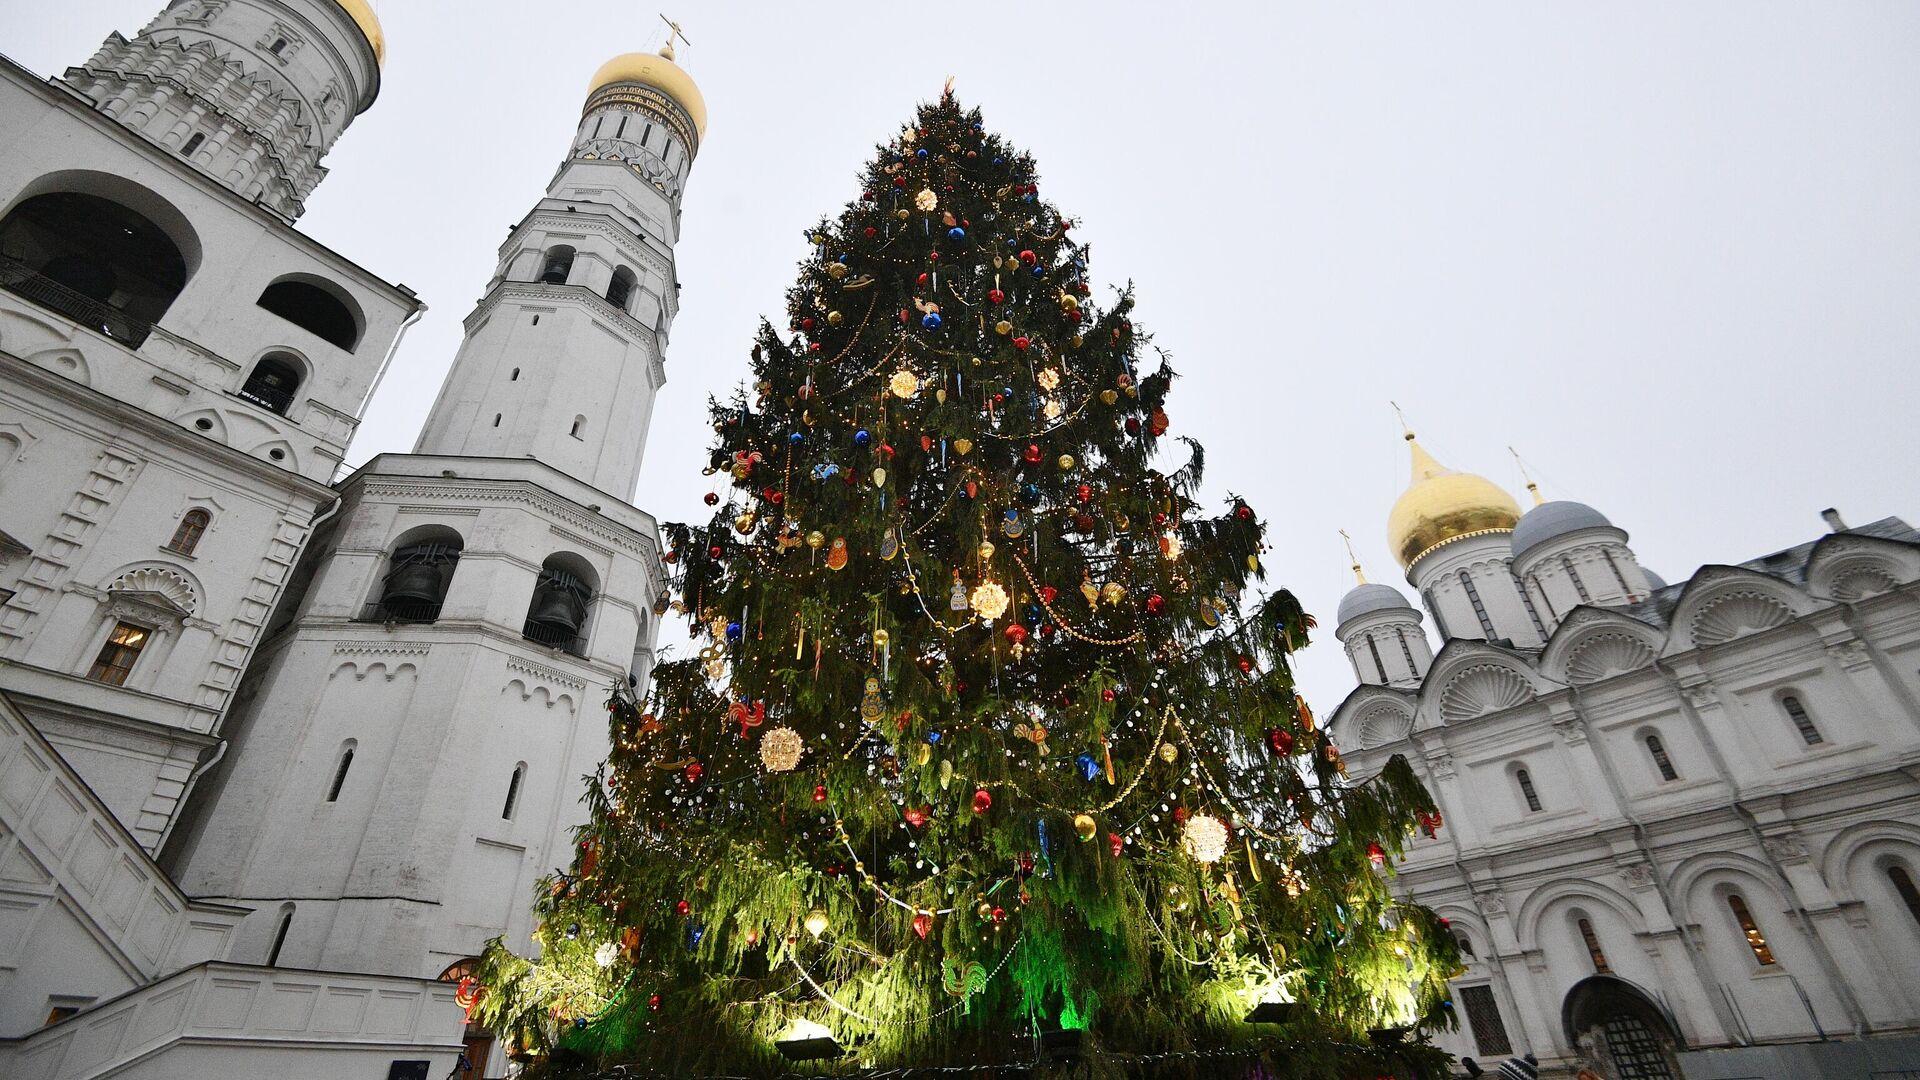 Украшение новогодней елки на Соборной площади Кремля - РИА Новости, 1920, 09.12.2020